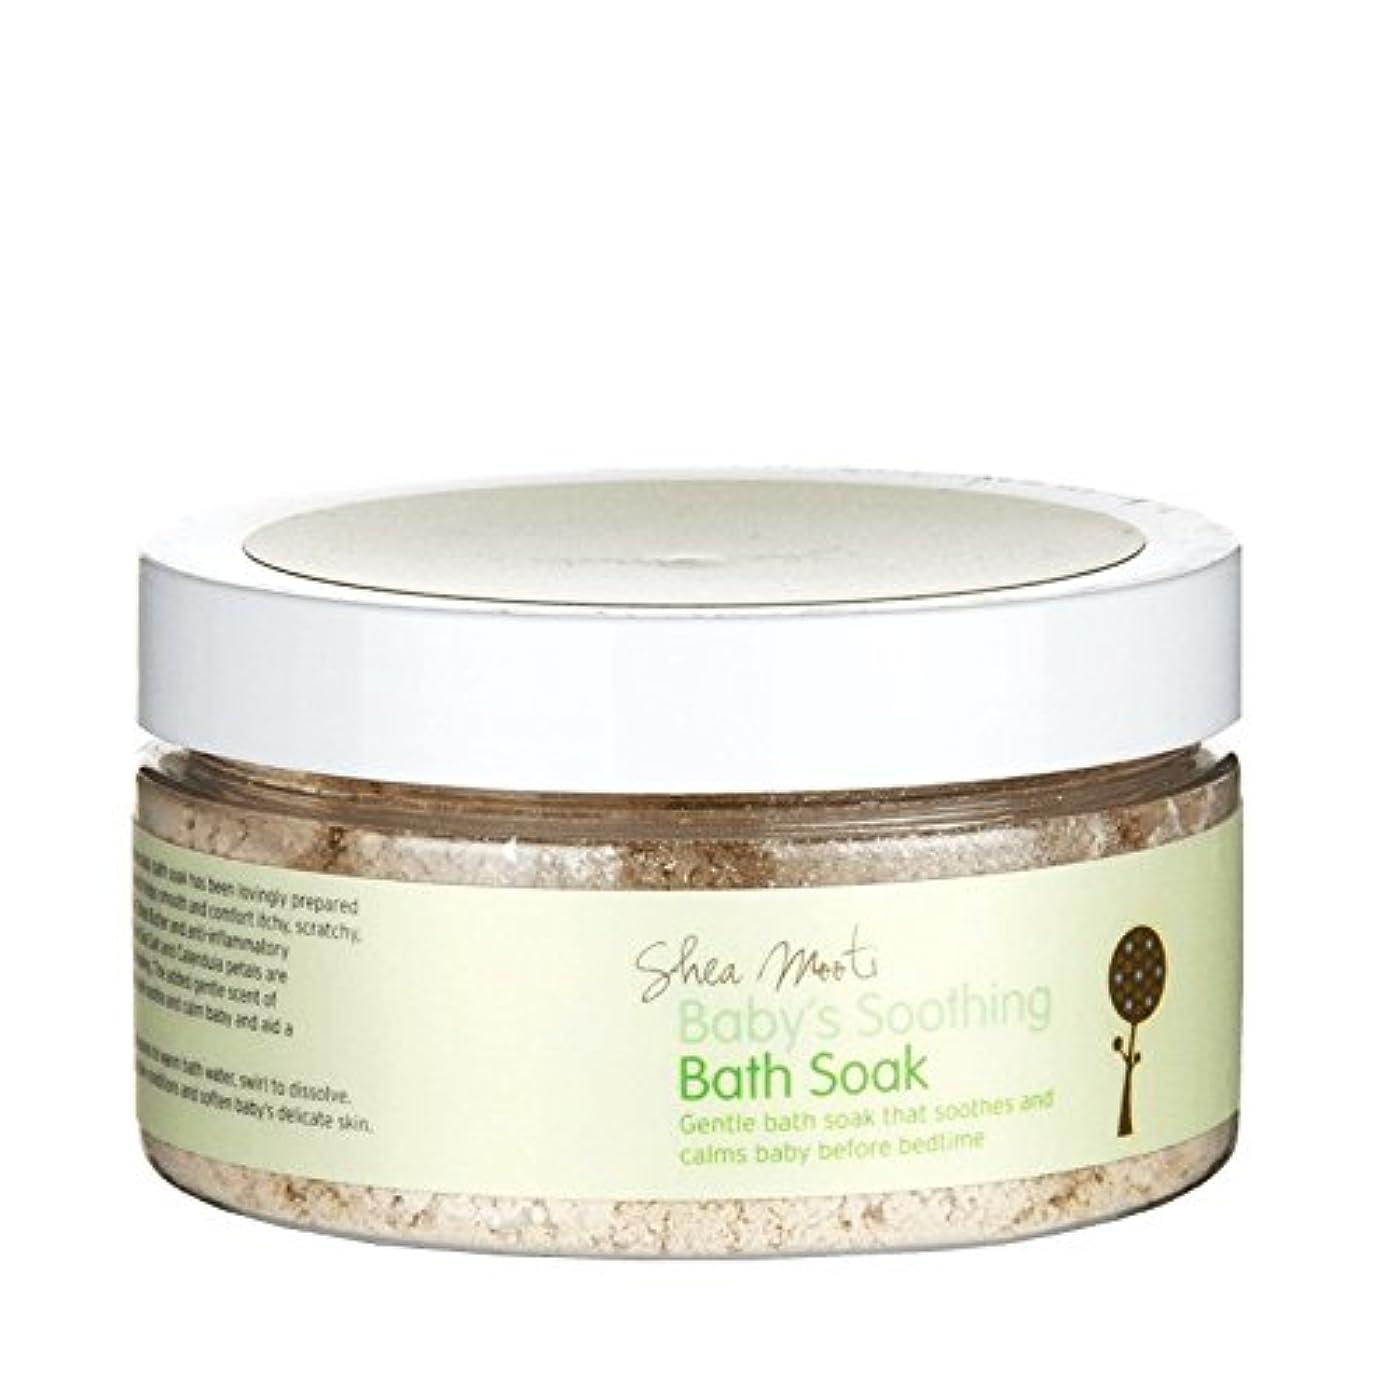 近代化する廃棄する行商Shea Mooti Baby's Soothing Bath Soak 130g (Pack of 2) - シアバターMooti赤ちゃんの癒しのお風呂は、130グラムを浸し (x2) [並行輸入品]